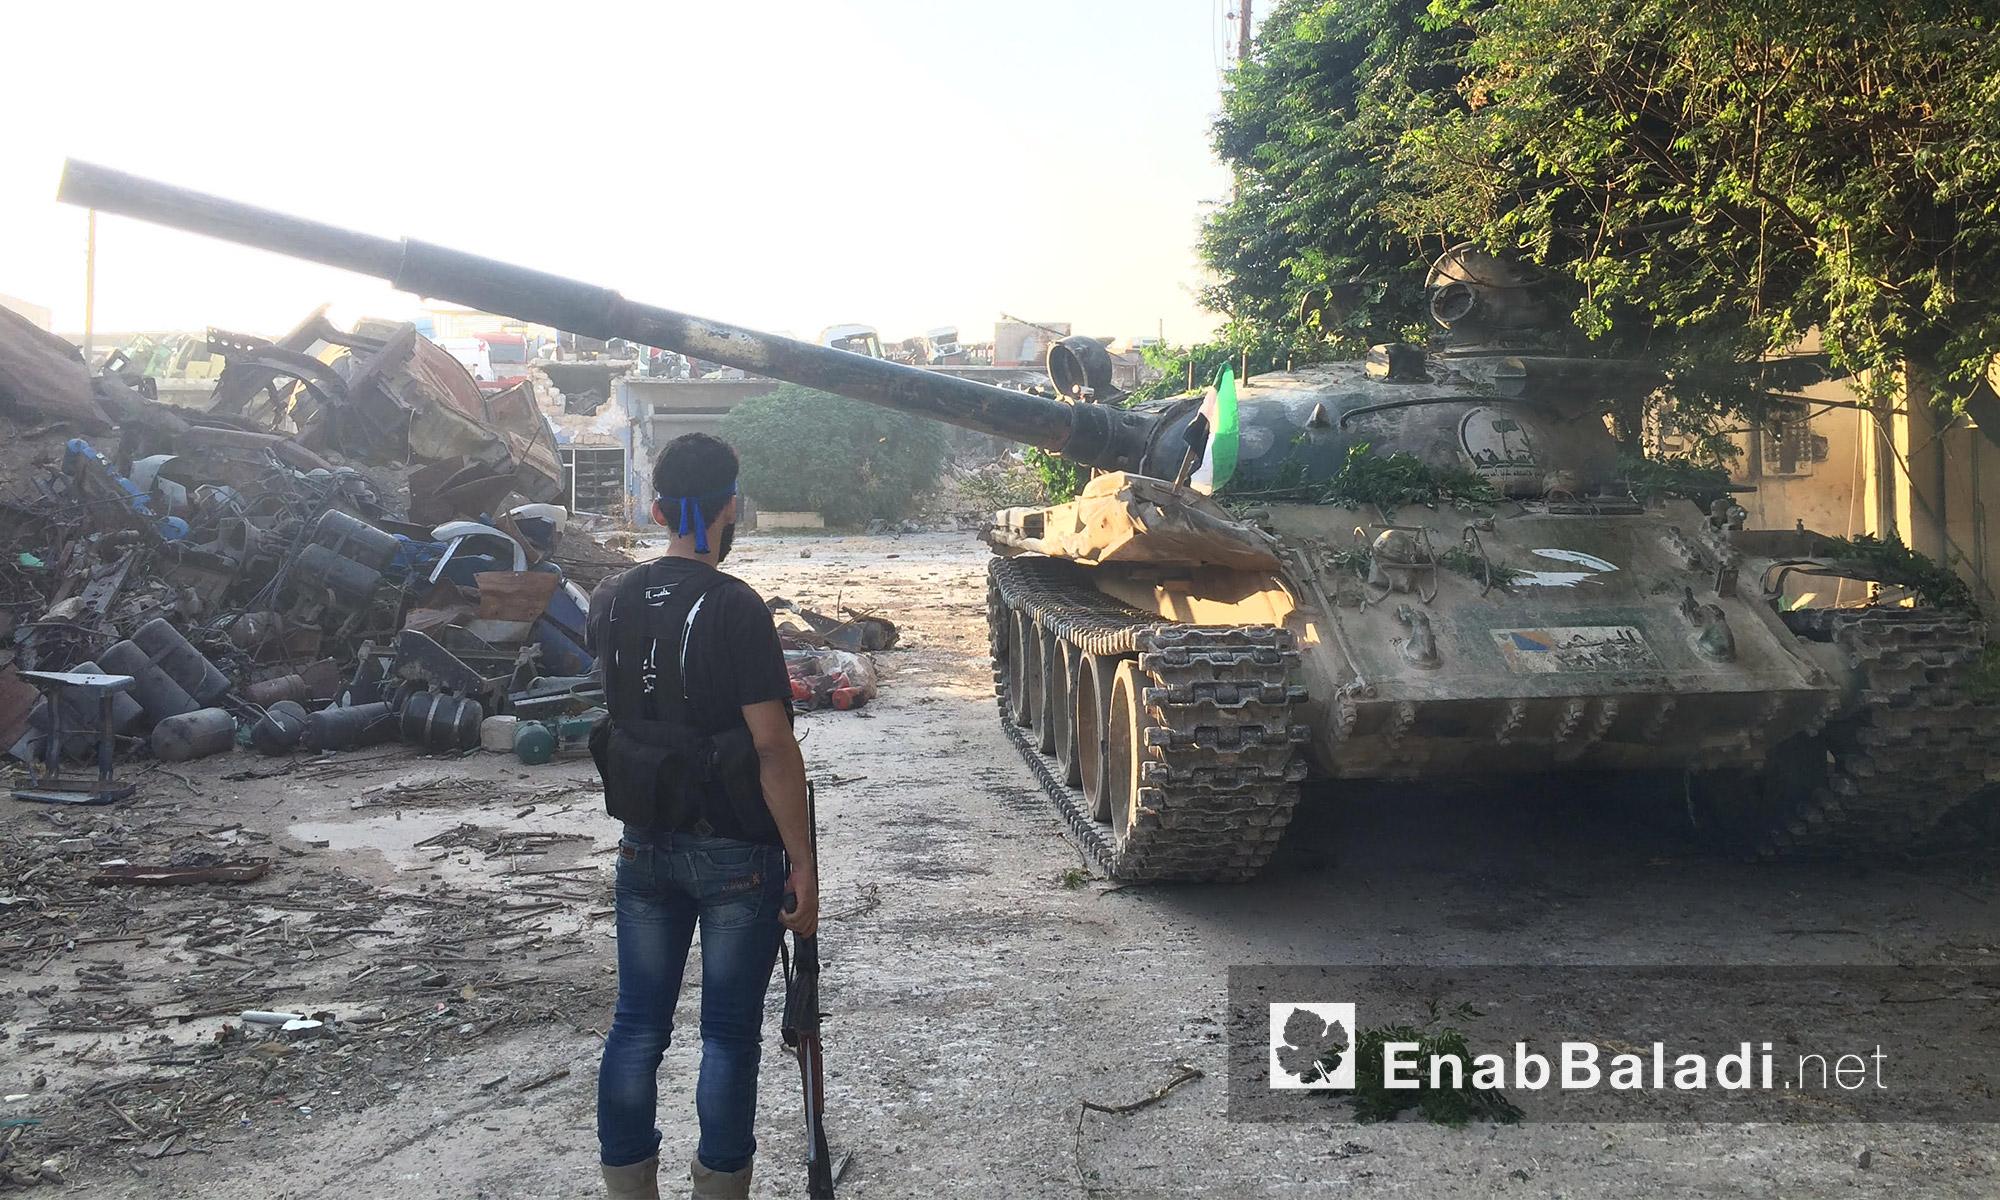 مقاتل من المعارضة أمام دبابة على جبهة الراموسة في حلب - الجمعة 6 آب (عنب بلدي)